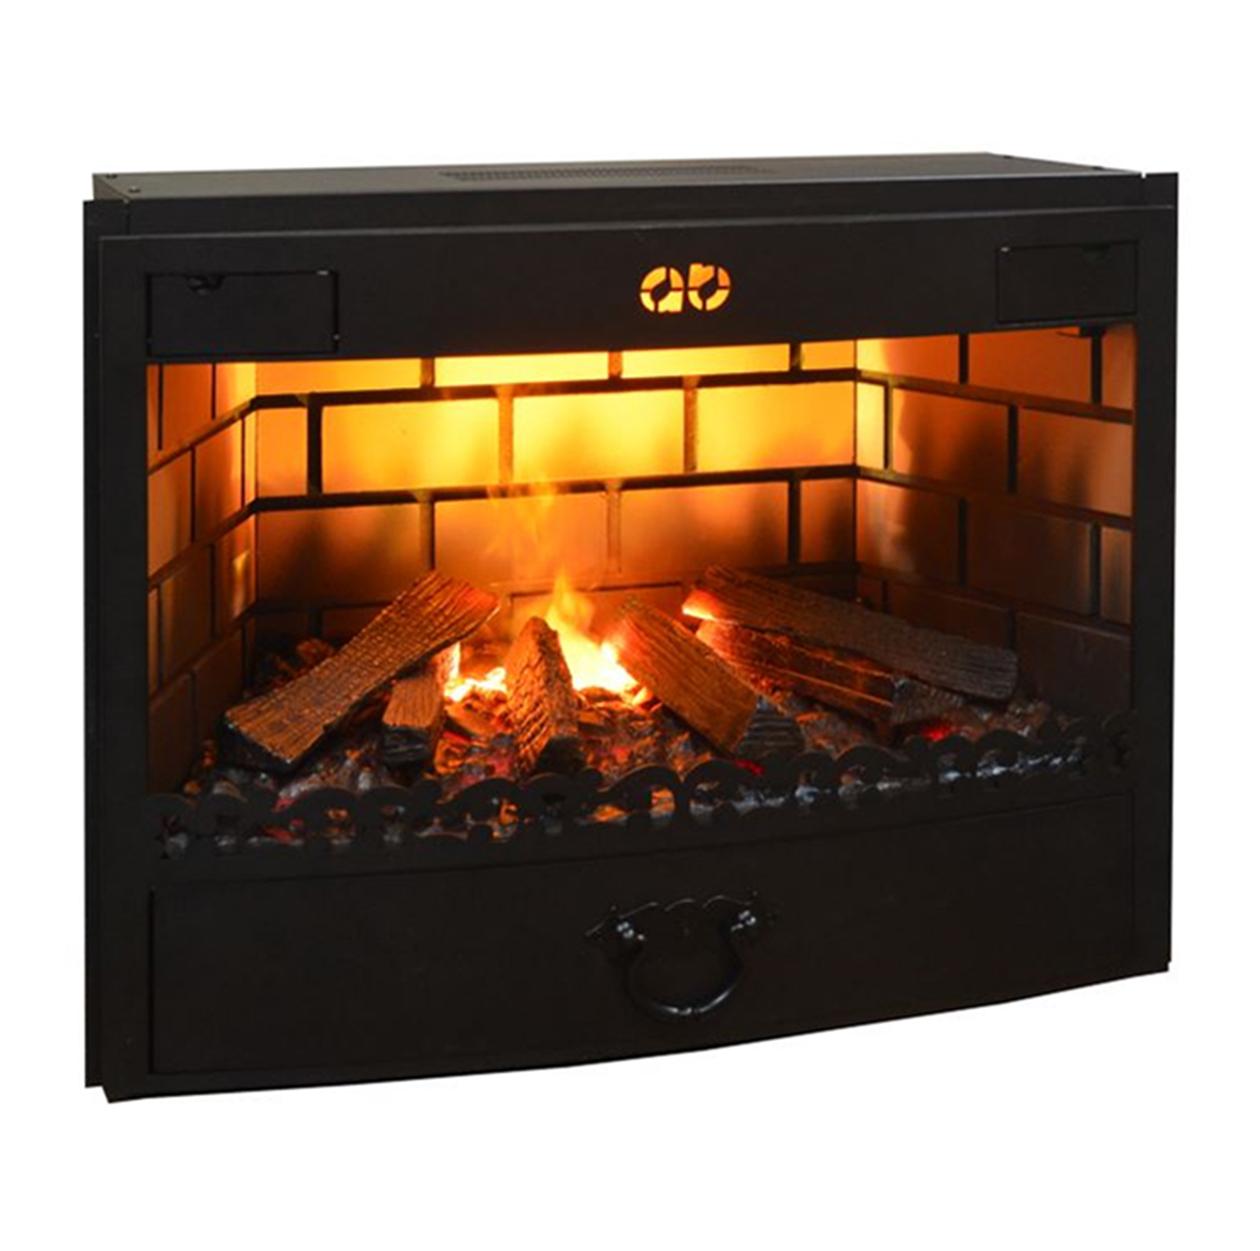 Электрический камин с эффектом живого пламени: современный очаг с имитацией огня, устройство, рейтинг лучших, фото